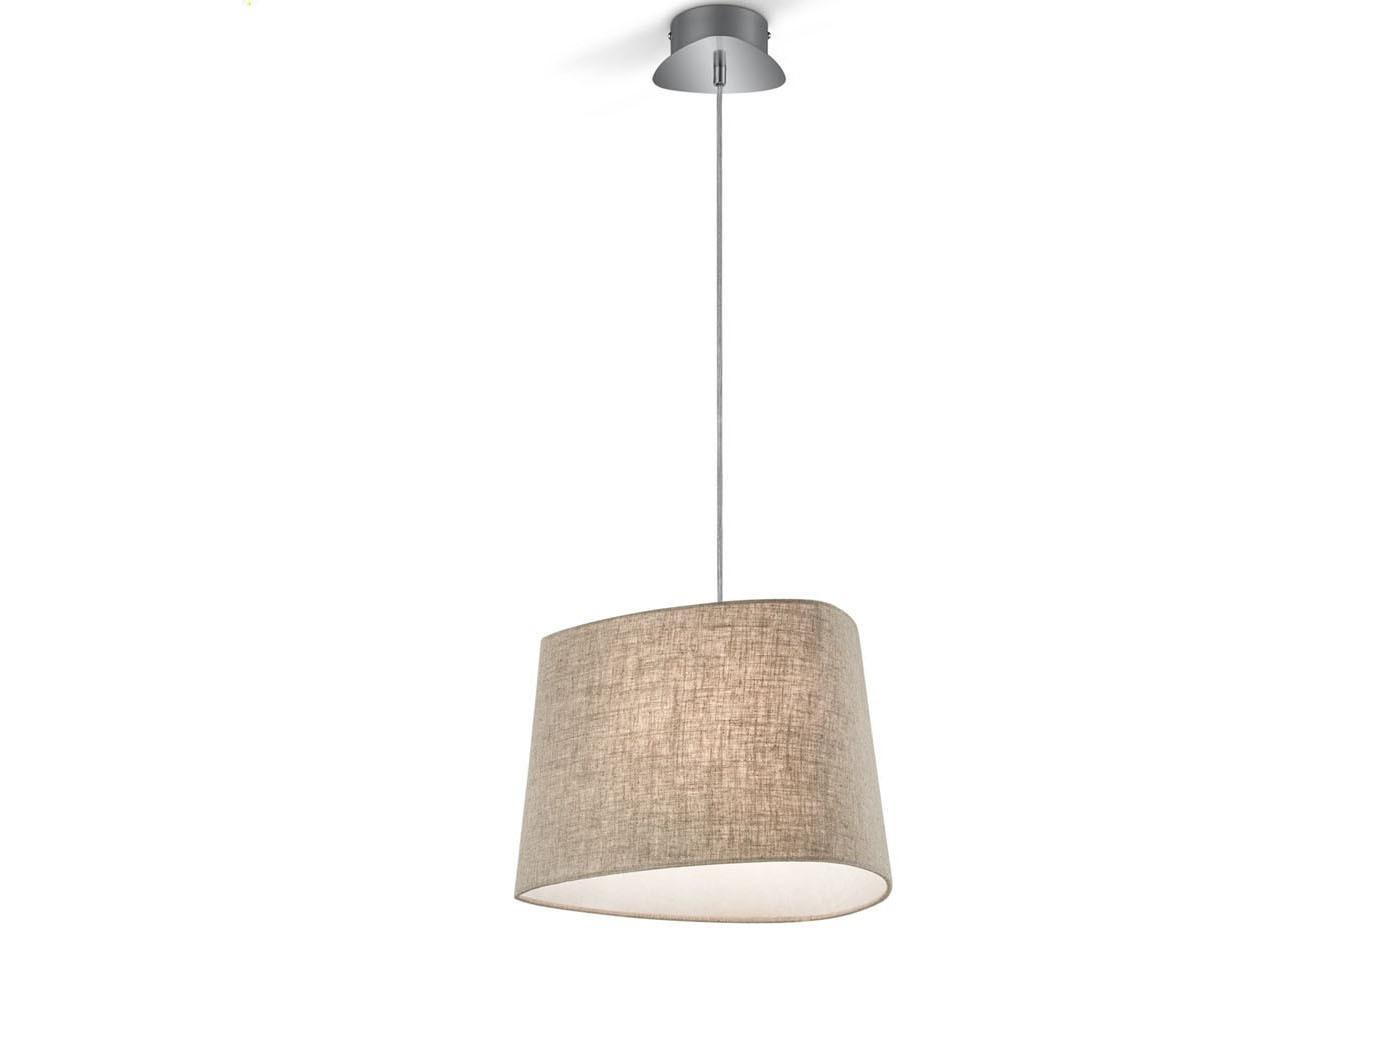 Hangelampe mehrere lampenschirme mehrere hangelampen for Lampe mit mehreren schirmen